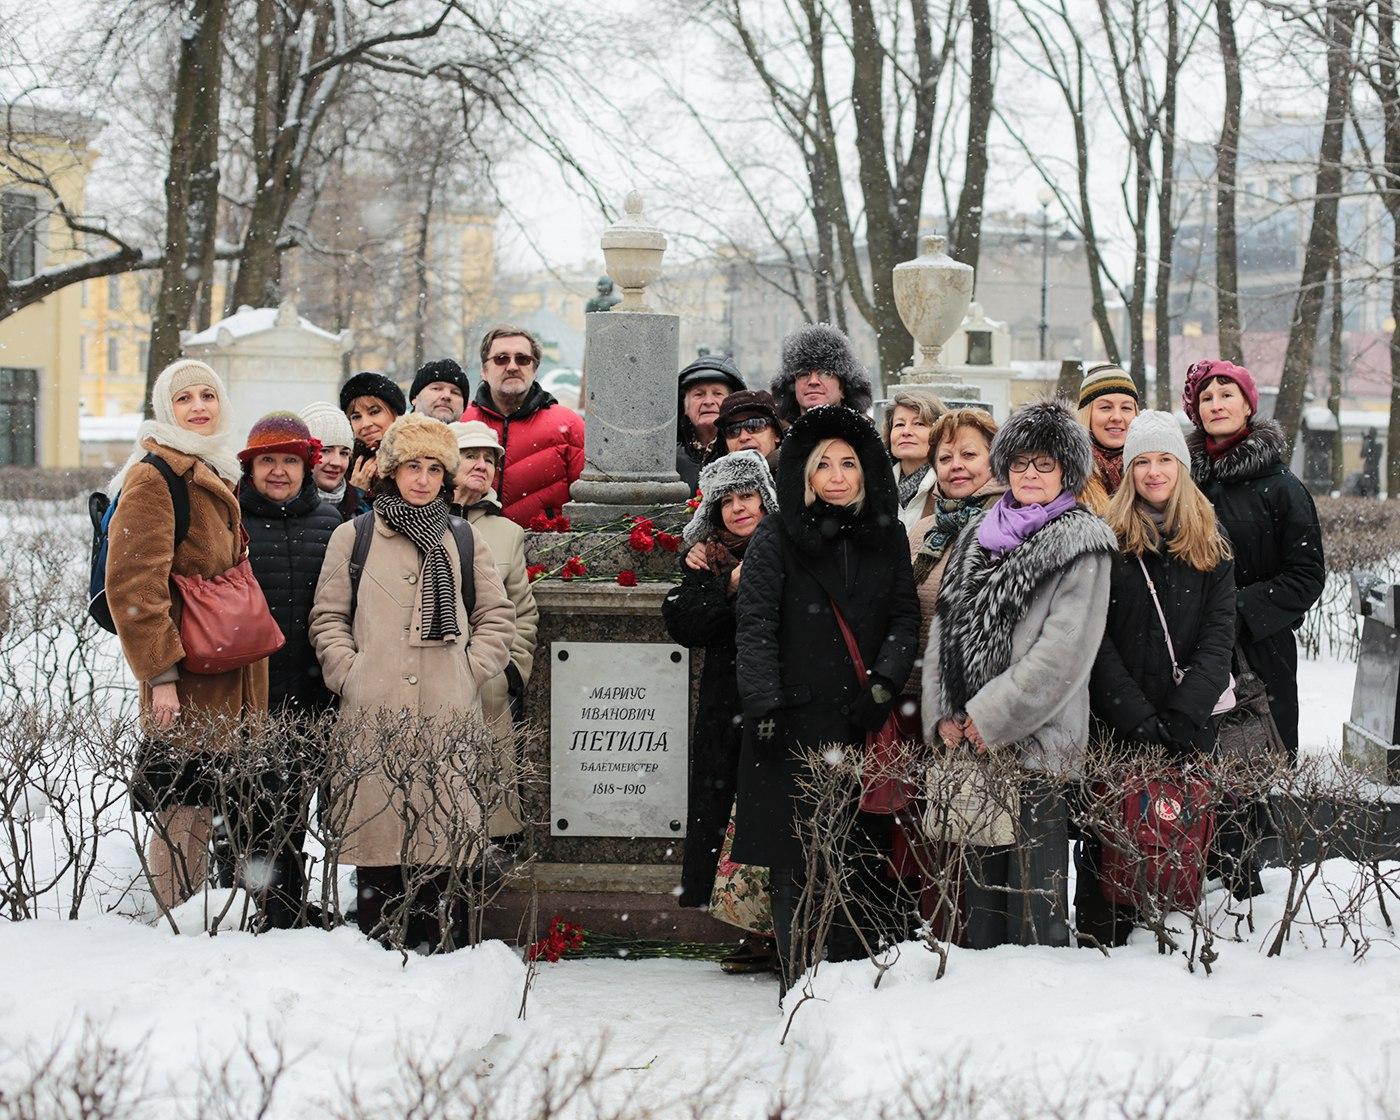 Участники конференции возложили цветы к могиле Мариуса Петипа в Александро-Невской лавре.